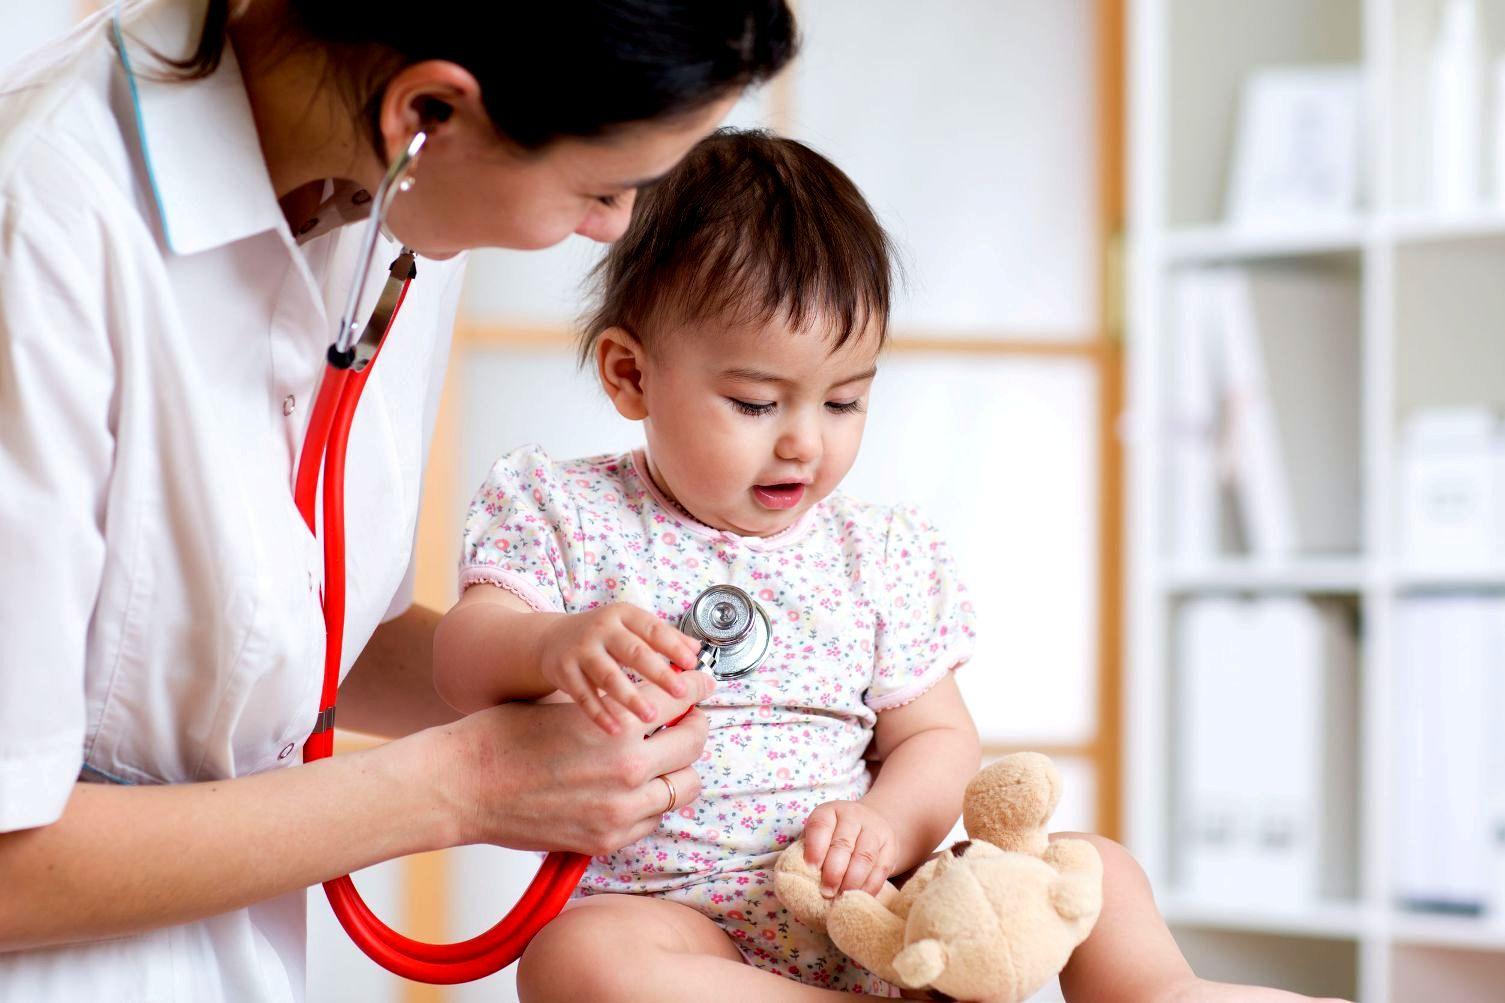 broncopneumologo pediatra